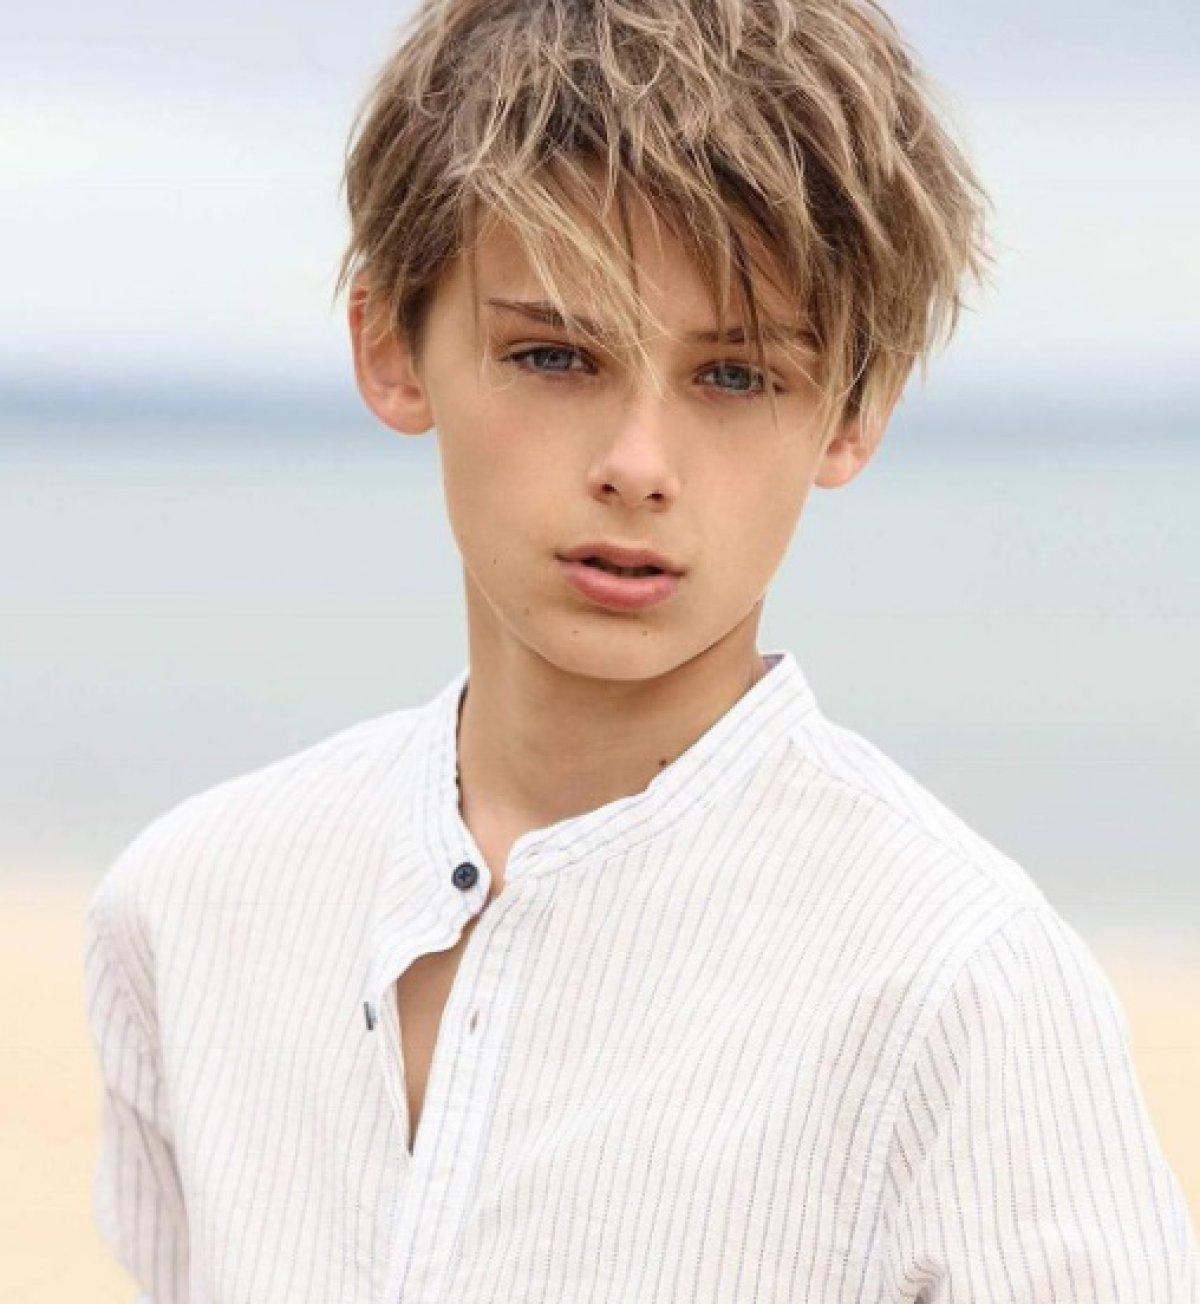 Фотография мальчика красивого